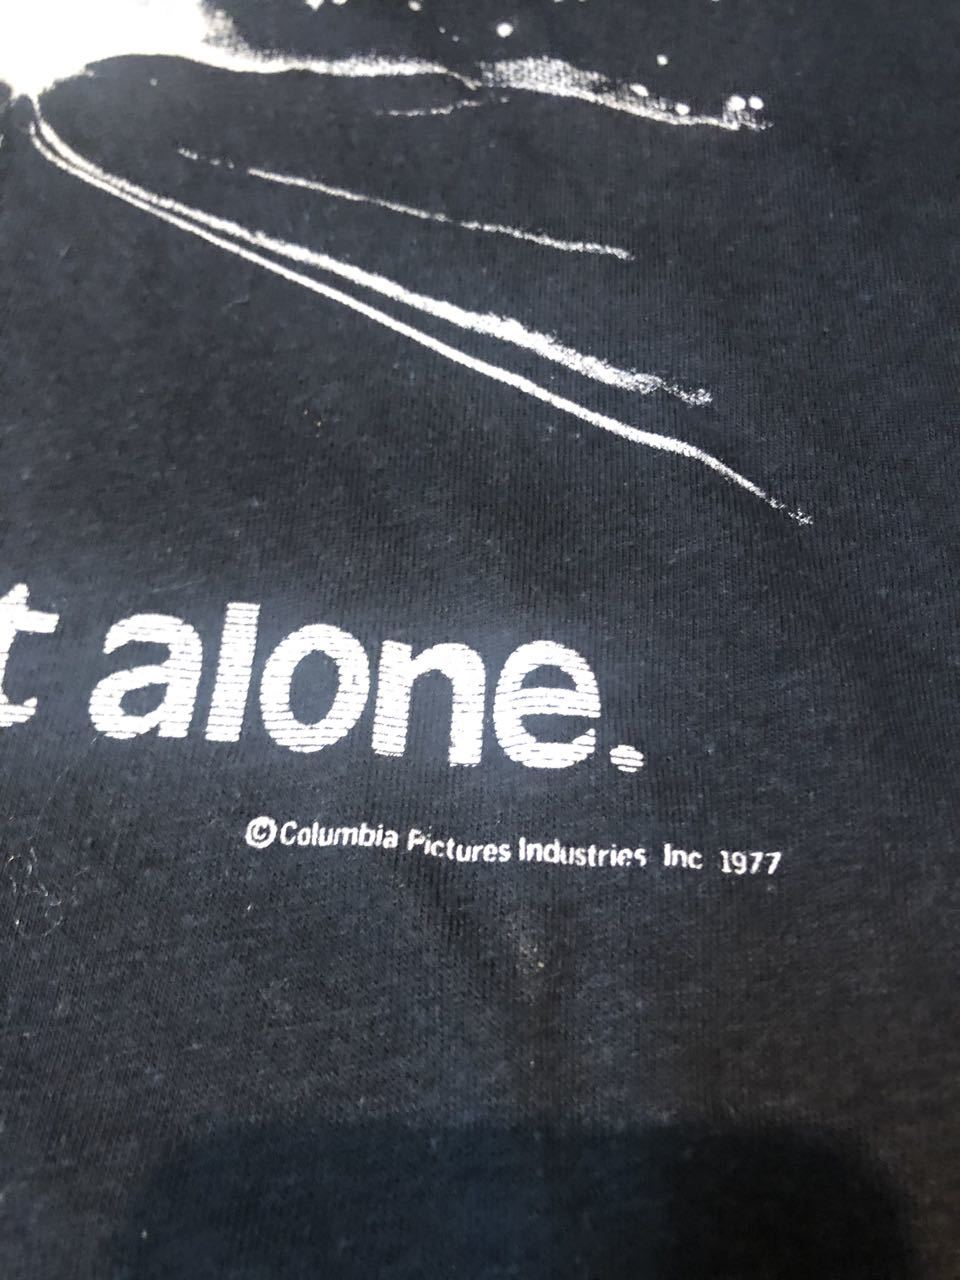 7月24日(金)入荷!70s 未知との遭遇 ムービーTシャツ 映画Tシャツ!_c0144020_16342410.jpg